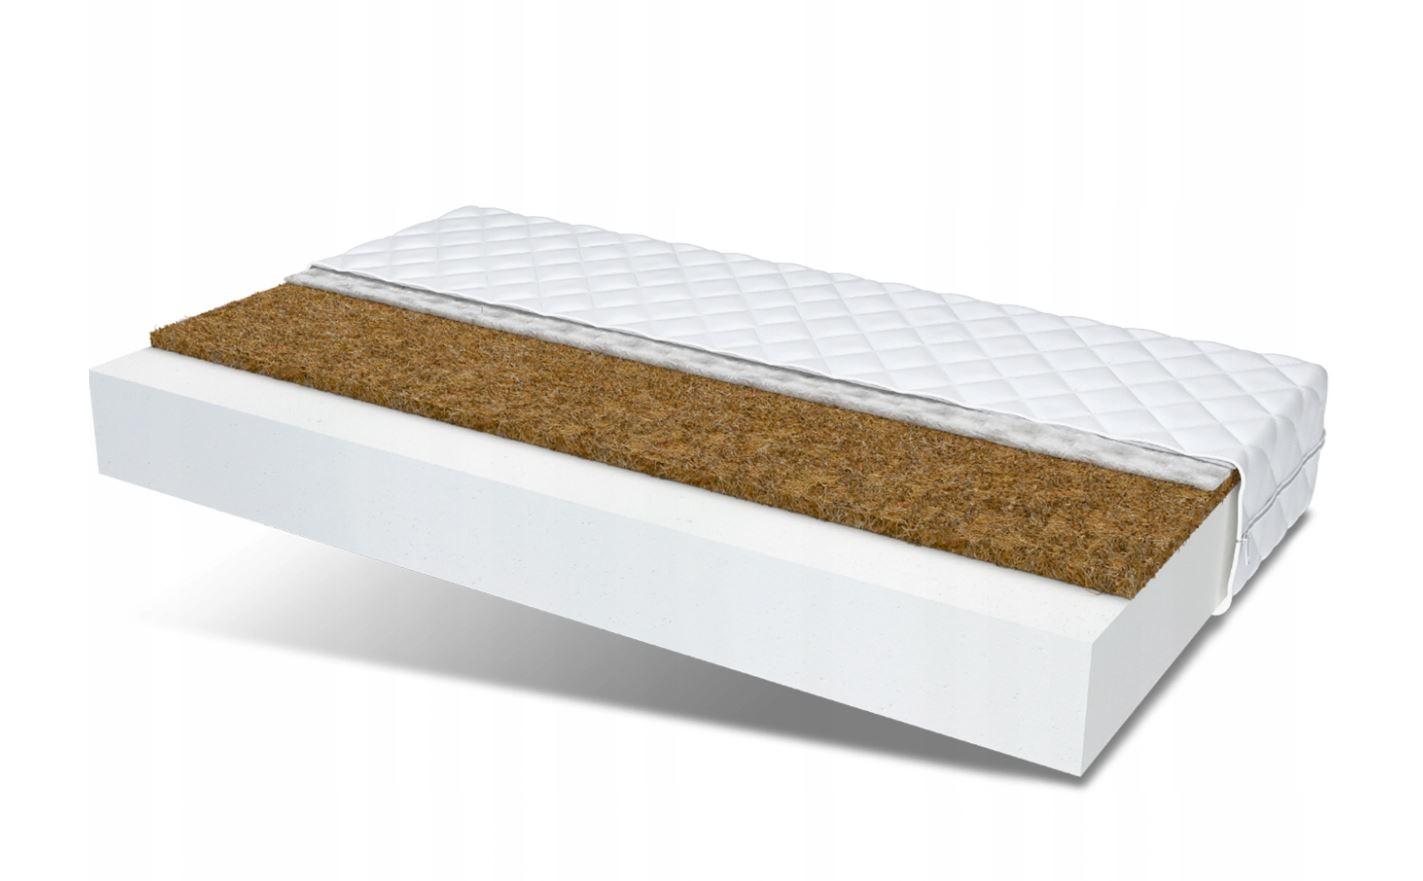 Dětská matrace Classic s kokosem 160x80x9 cm